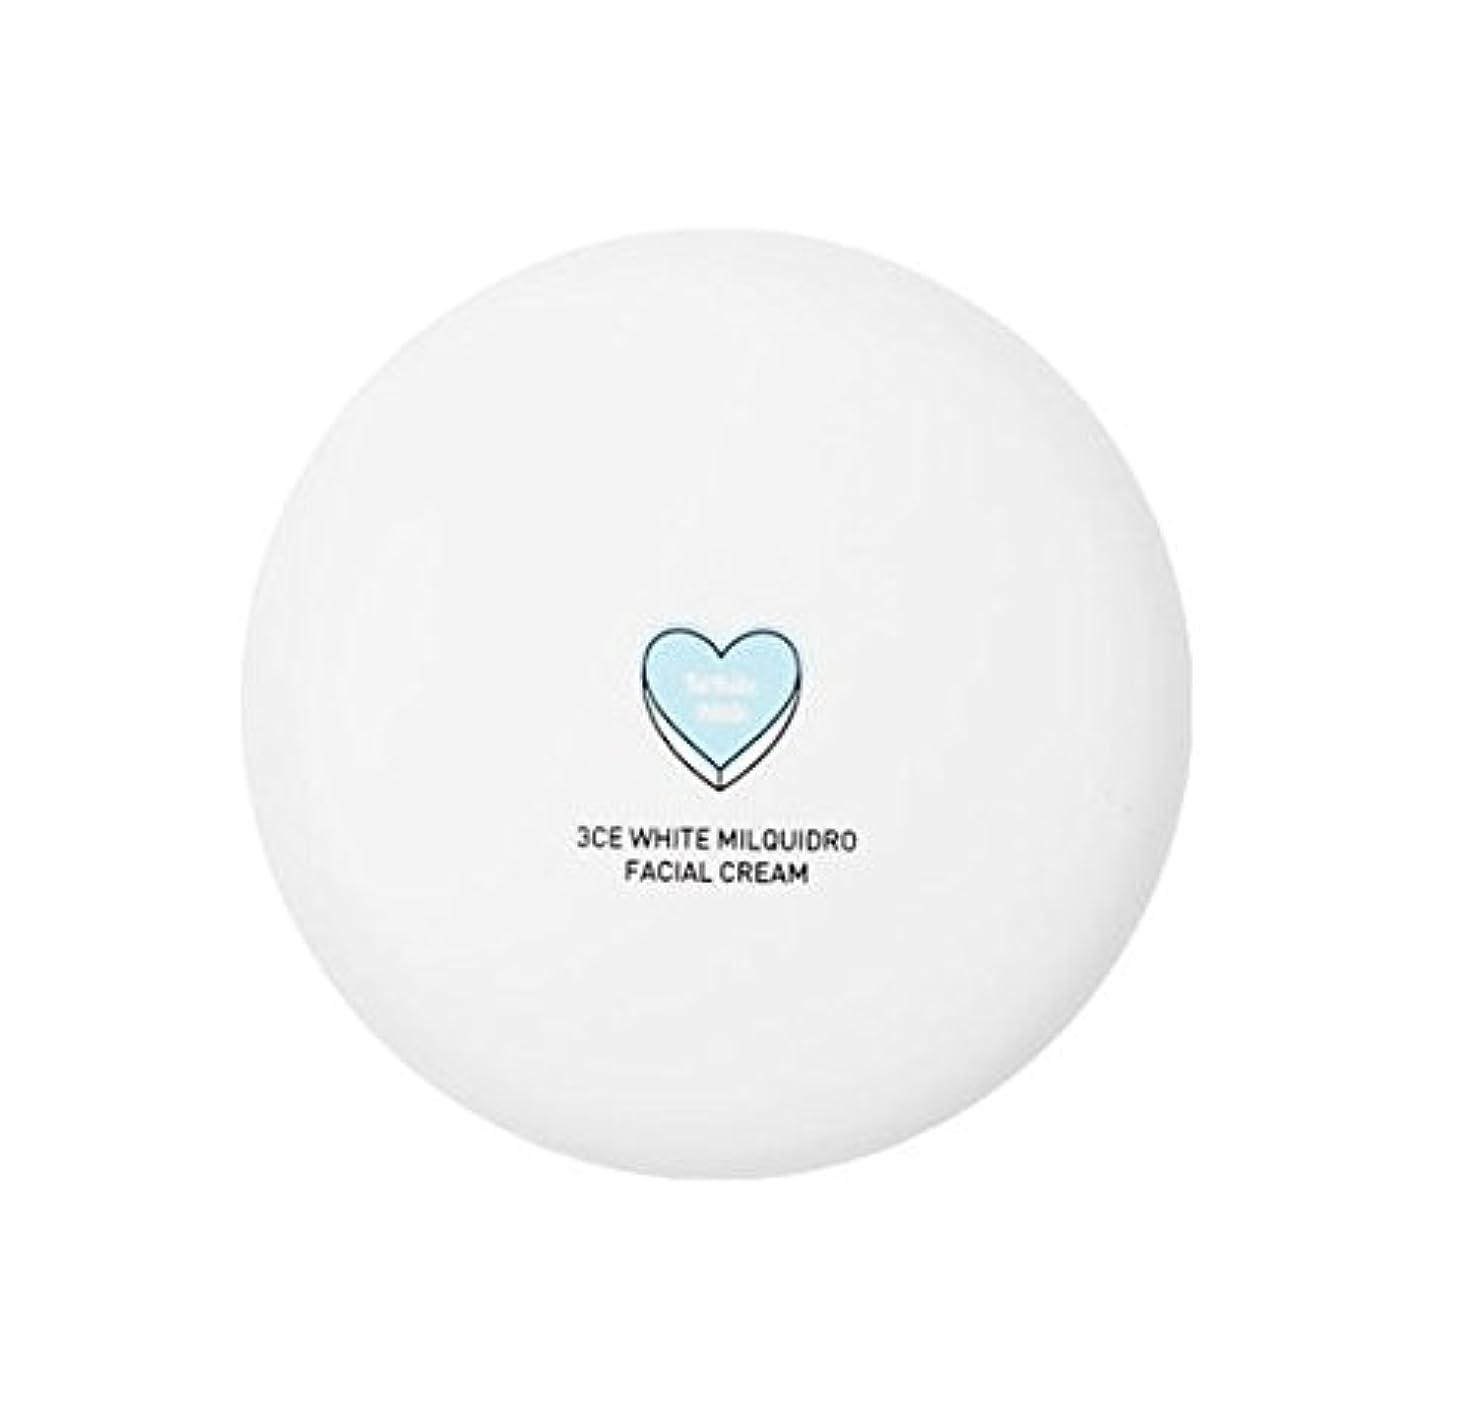 リマ駐地示す3CE WHITE MILQUIDRO FACIAL CREAM 50ml / 3CE ホワイトミルクウィドローフェイシャルクリーム [並行輸入品]